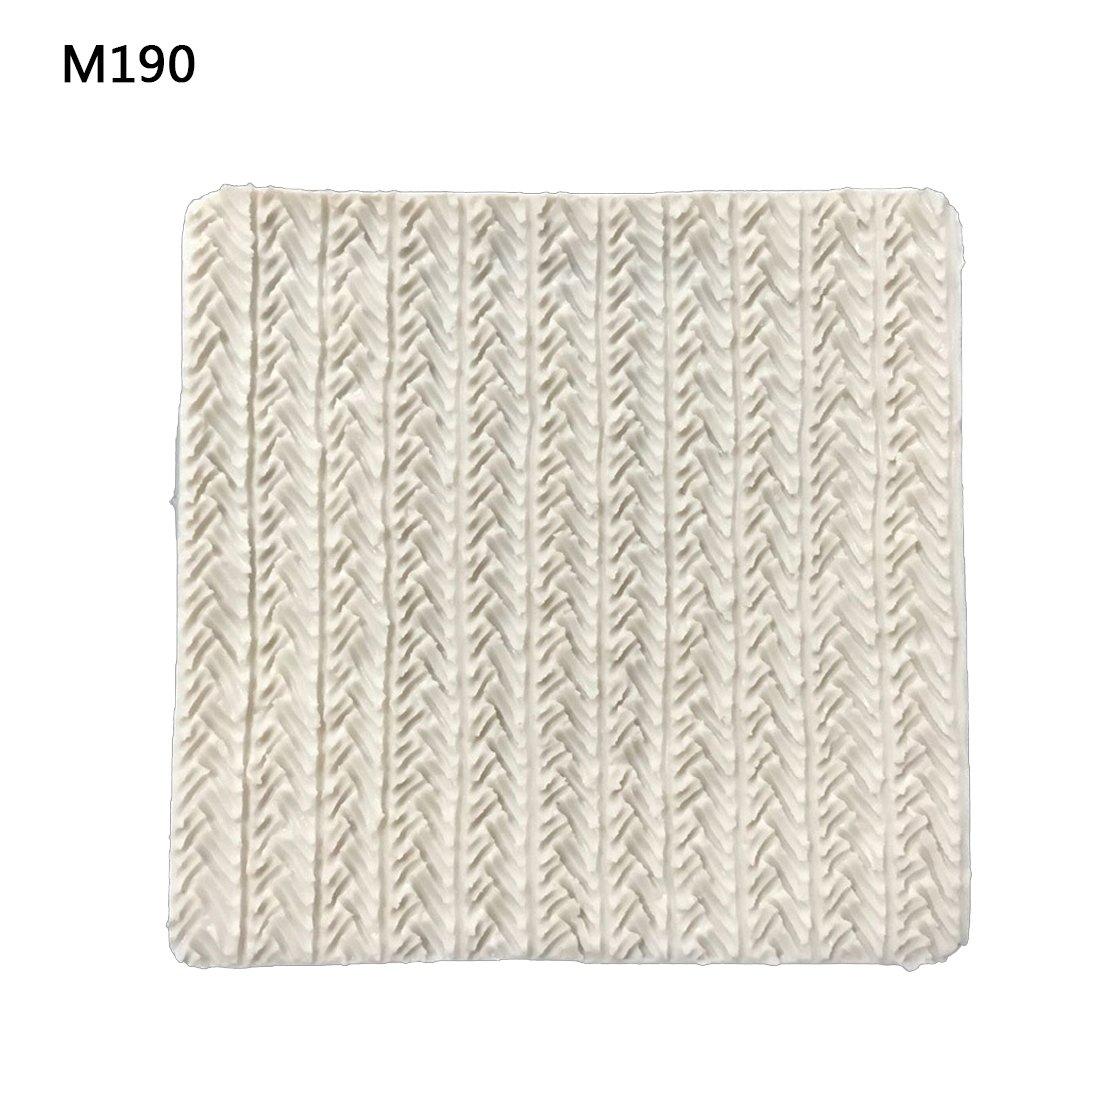 Pullover-Textur Silikonkompatibel mitm für Tortendekorationen #1